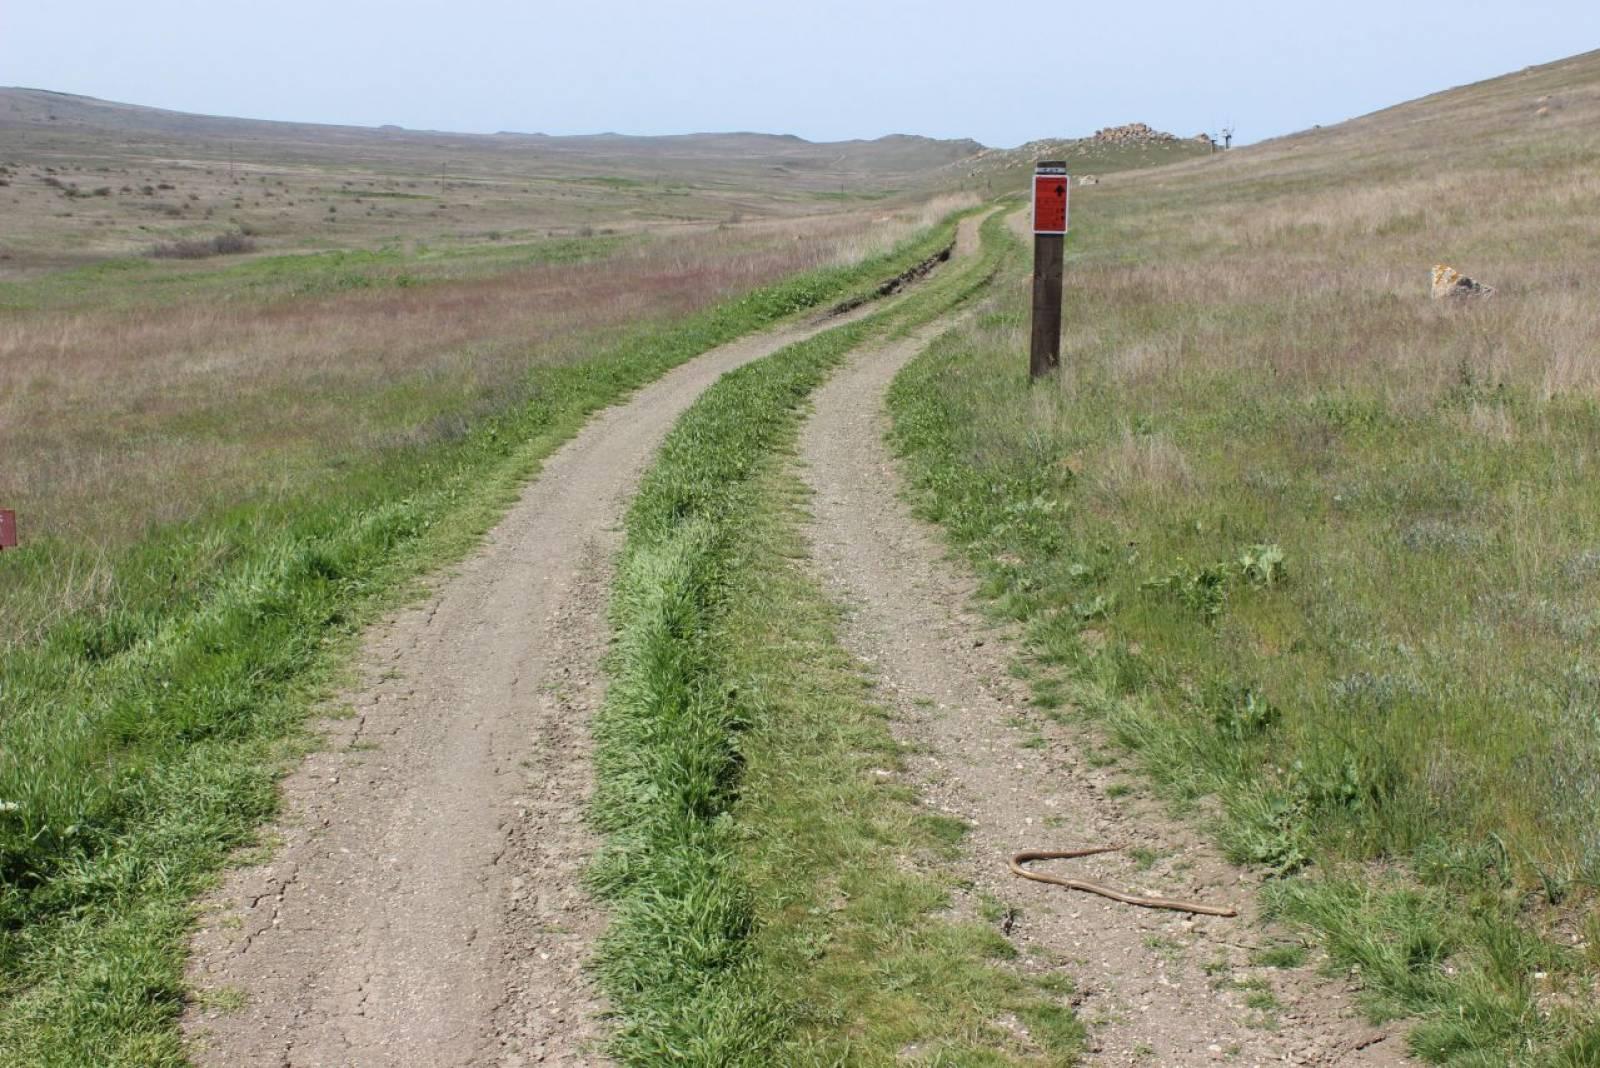 Фото новости - Внимание! Дорогу переходят безногие ящерицы